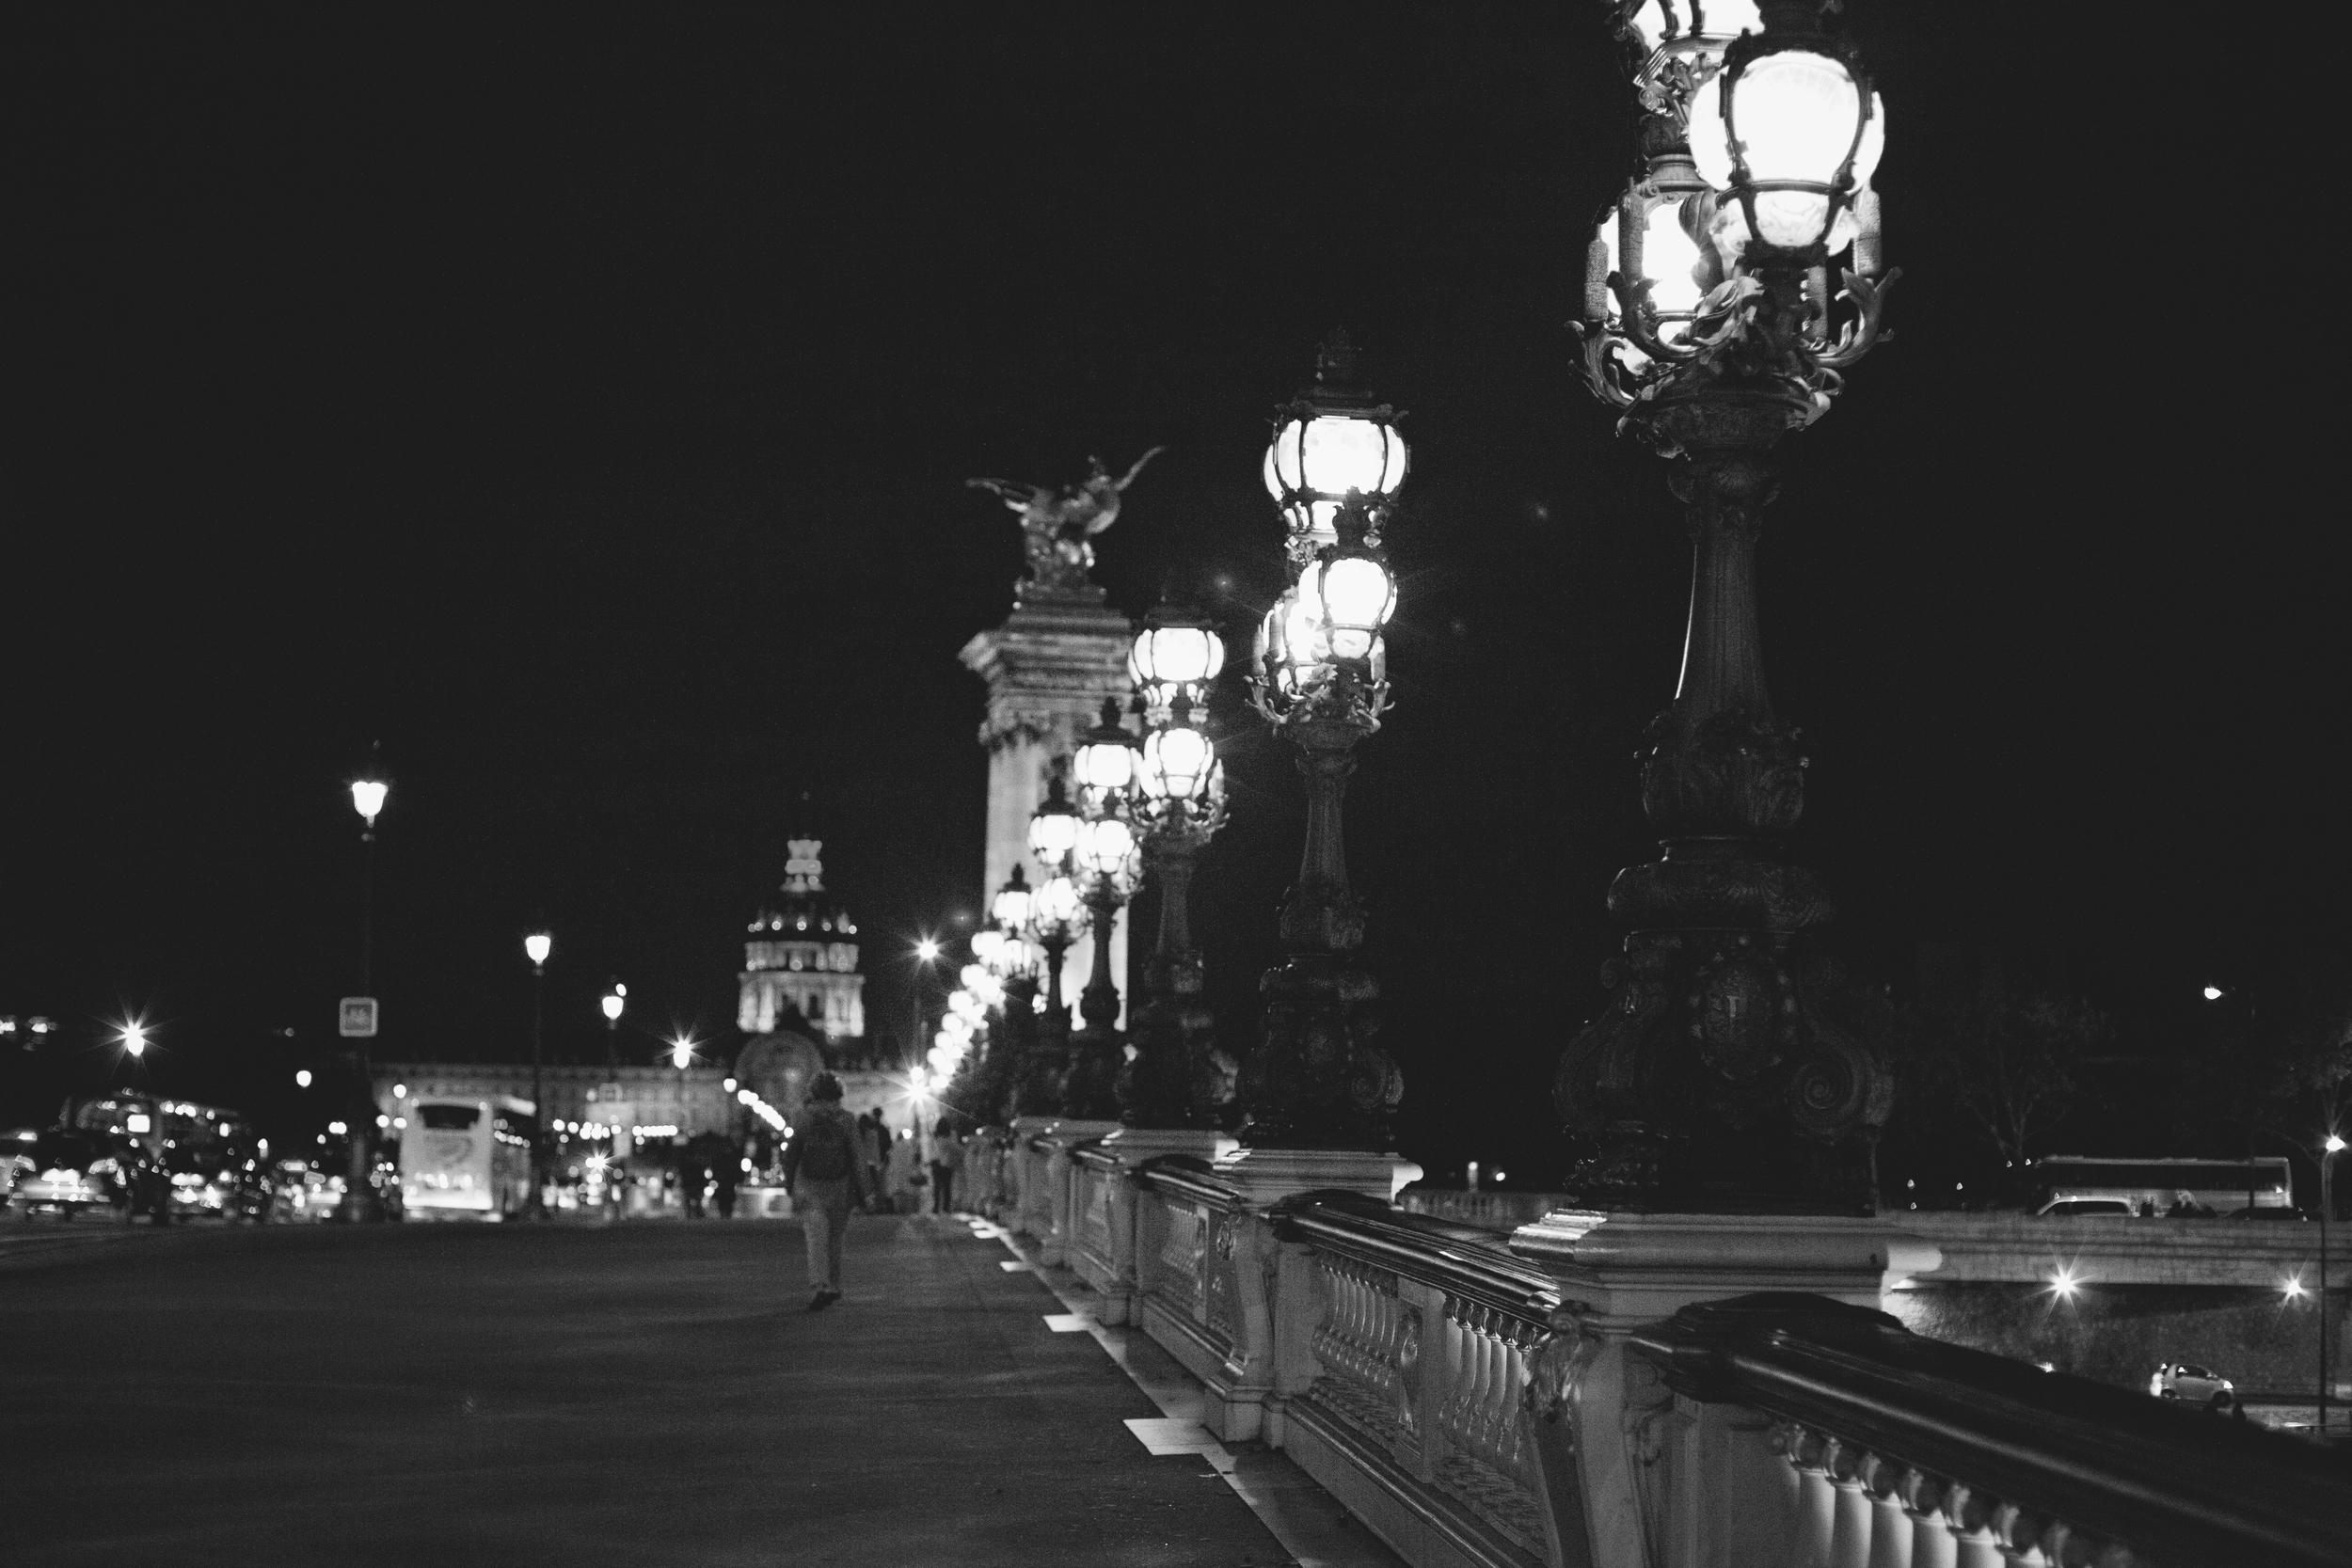 Paris_20121004_0520_1